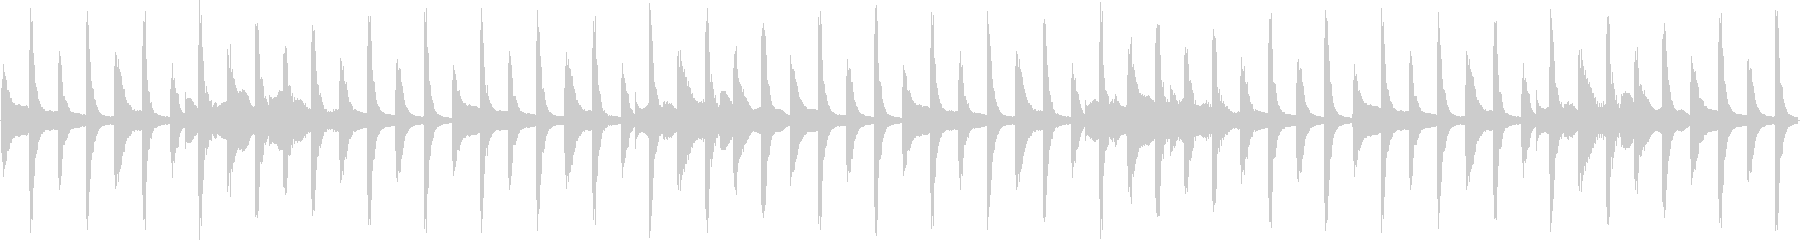 スマホTVCMの様な明るいループ。の未再生の波形